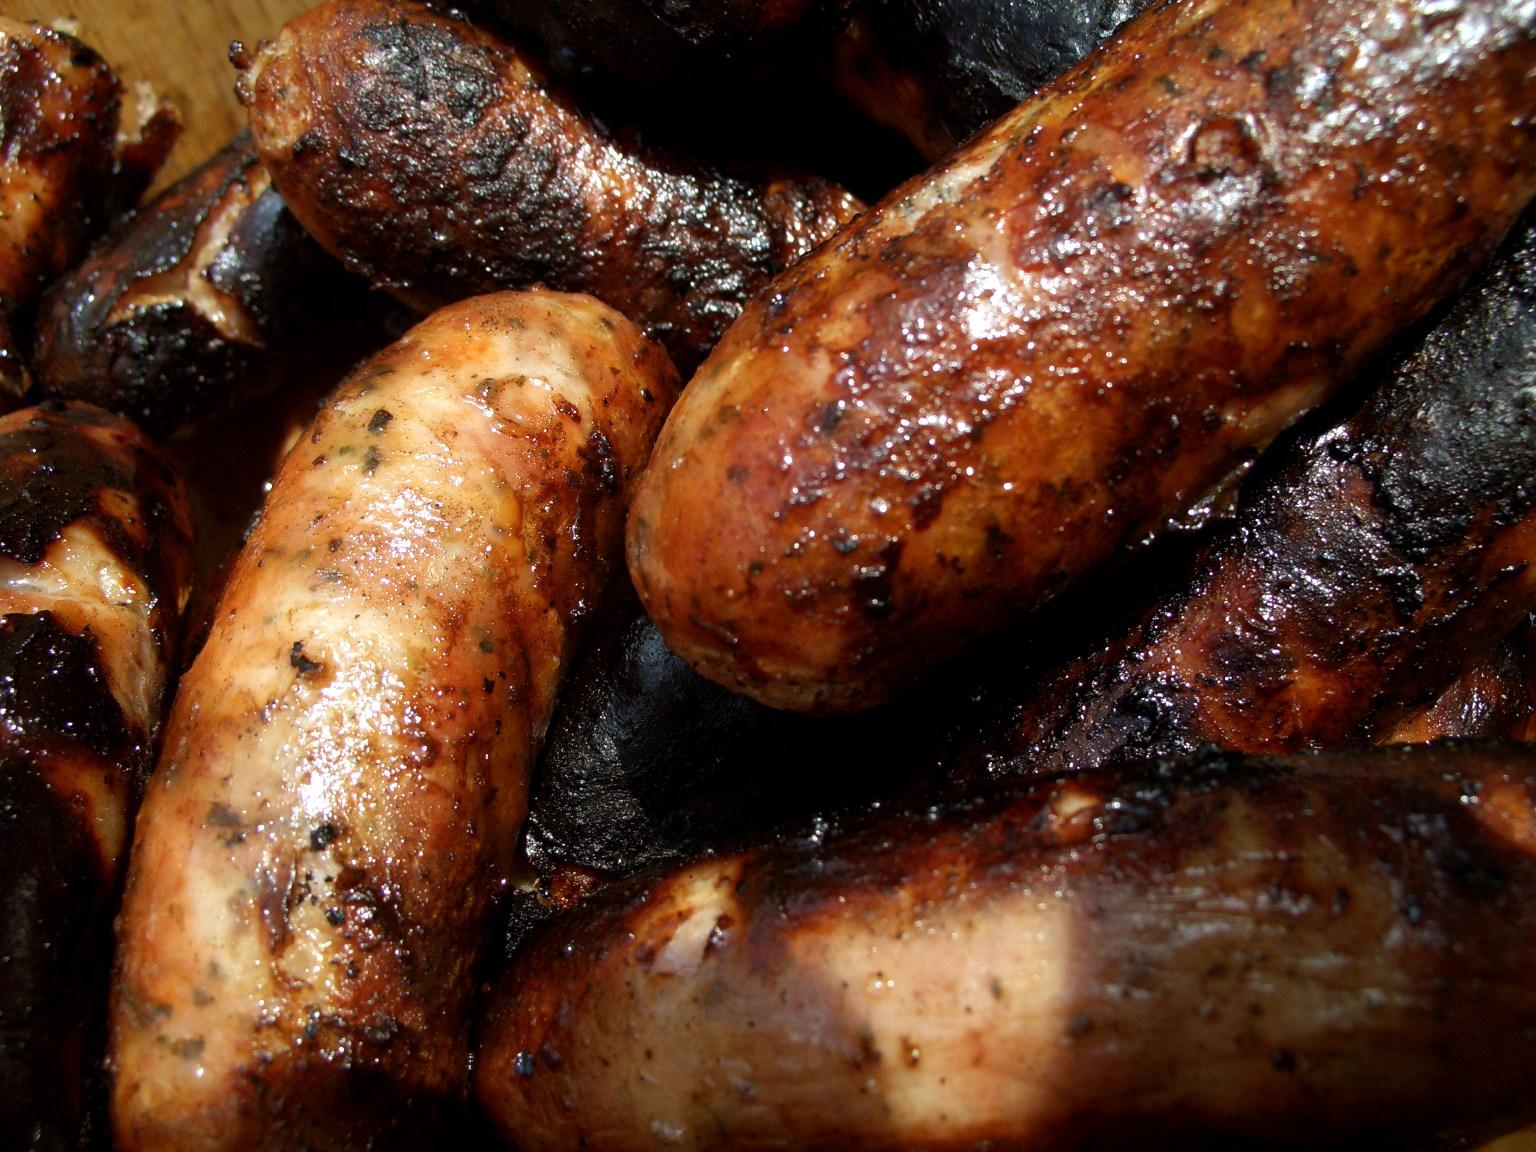 http://3.bp.blogspot.com/-lsikshUMF2I/TofO1zAKBBI/AAAAAAAABek/TjATlSPTPsI/s1600/Grilled_sausages.jpg